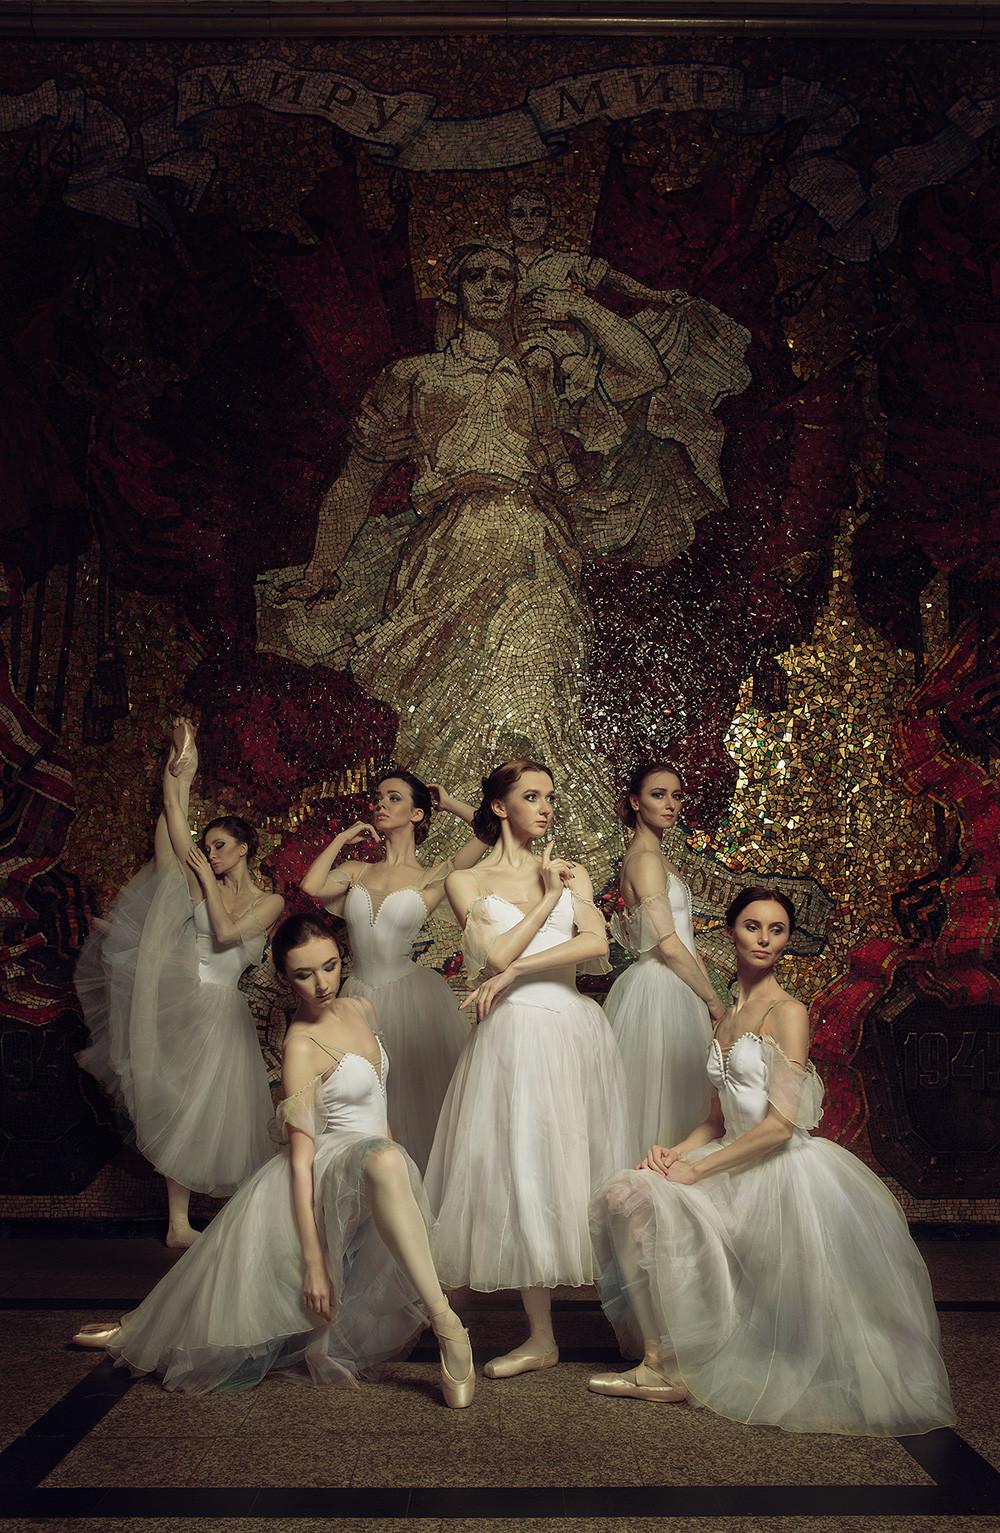 Solisten des Michajlowskij-Theaters lieben die Station Awtowo, deren Interieur der Verteidigung Leningrads gewidmet ist.